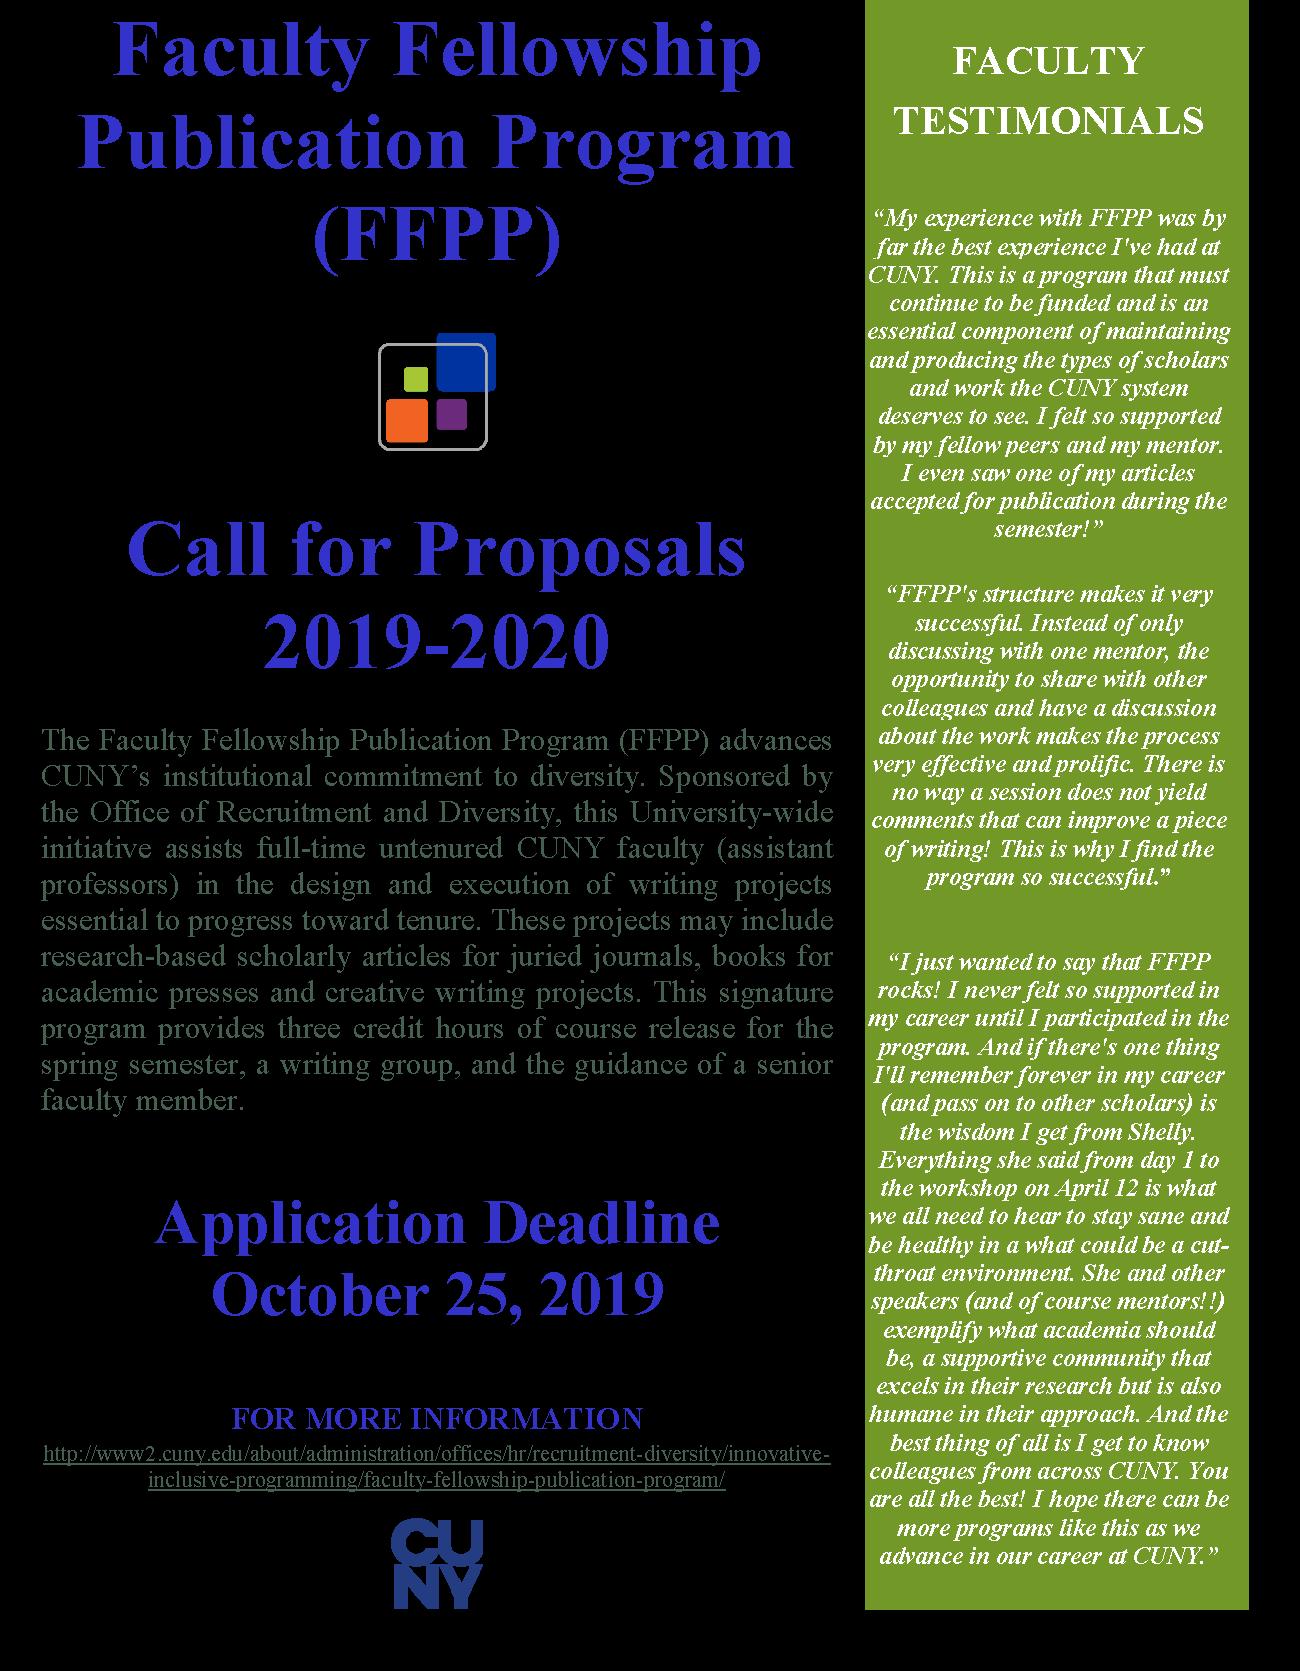 Faculty Fellowship Publication Program (FFPP) 1